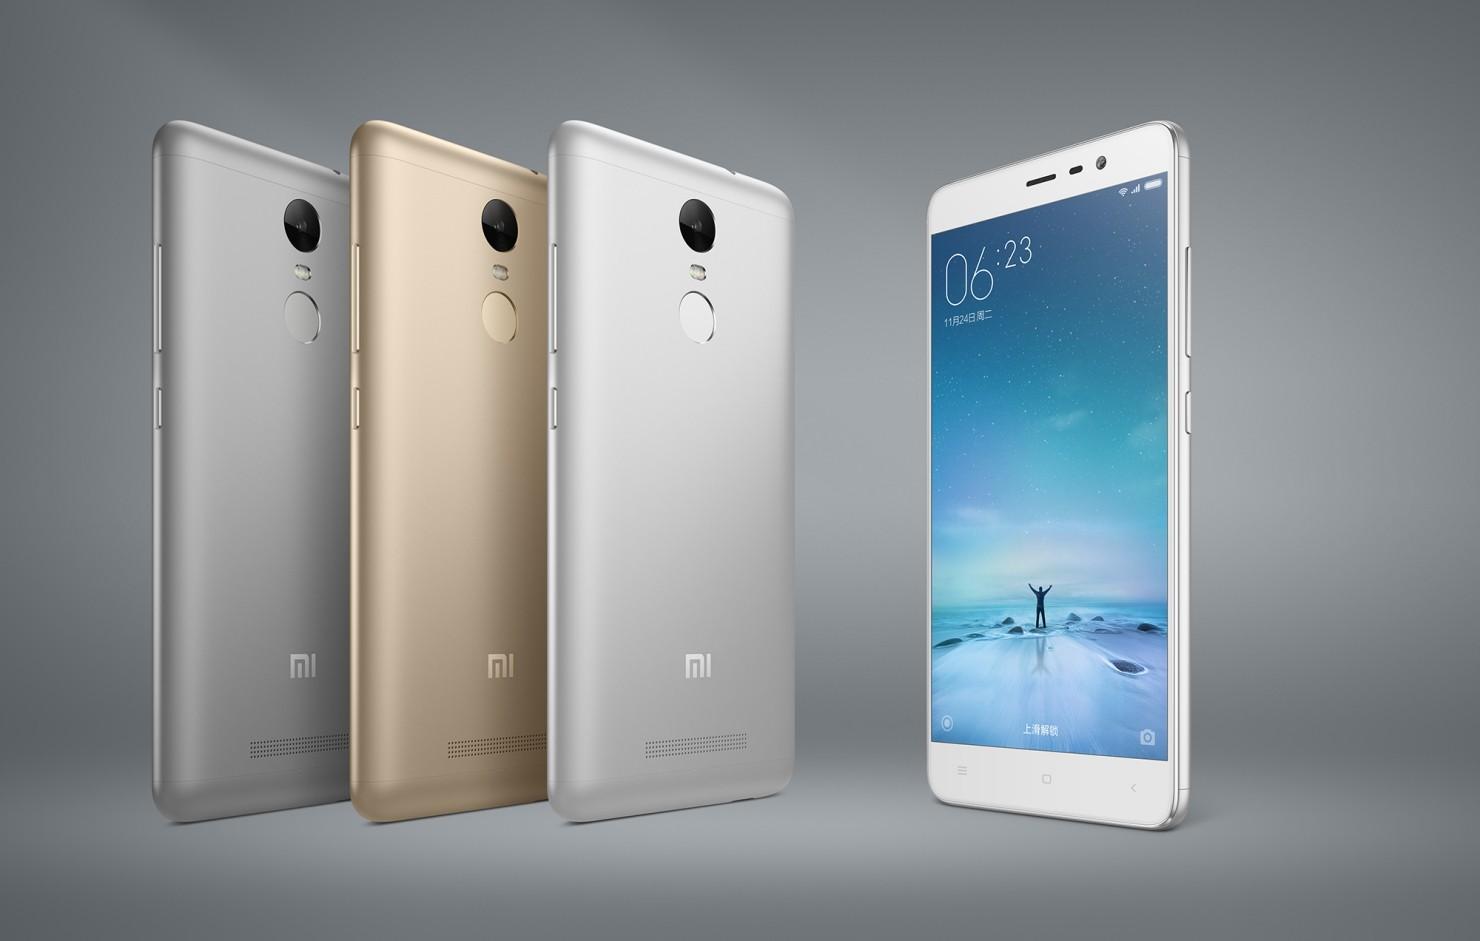 Наиболее популярным в РФ телефоном стал Xiaomi Redmi Note 3